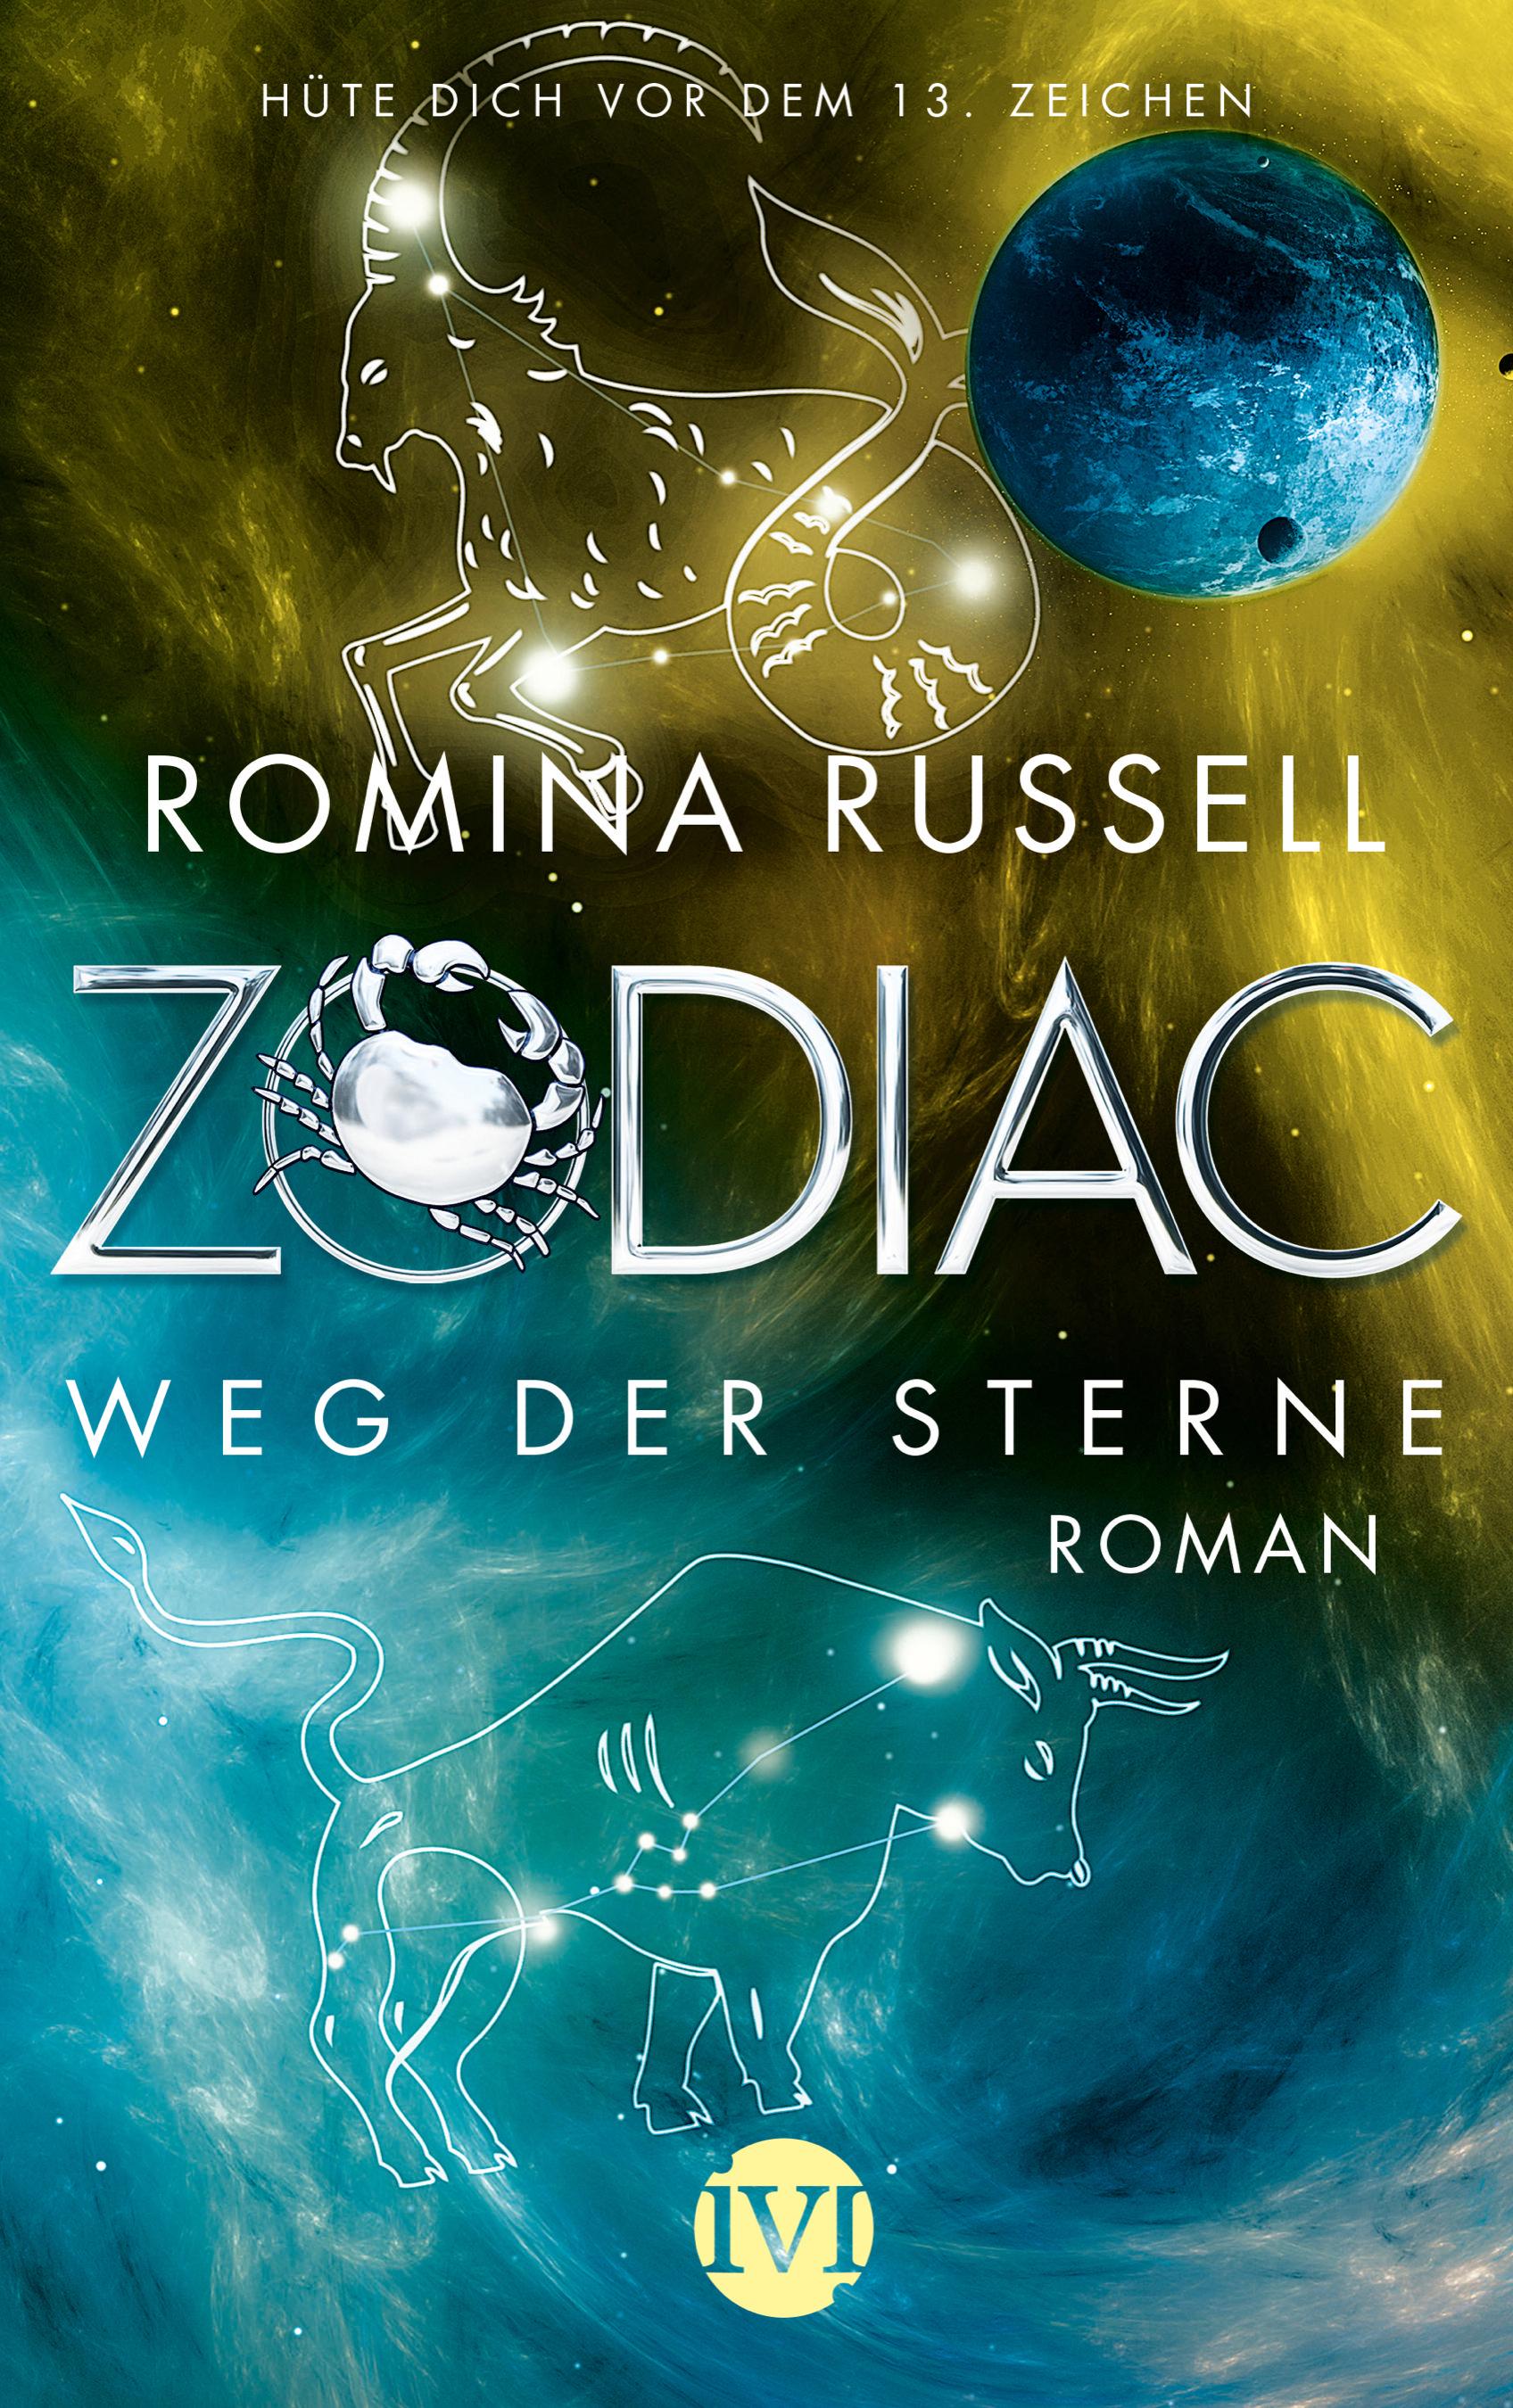 Zodiac - Weg der Sterne, Romina Russell